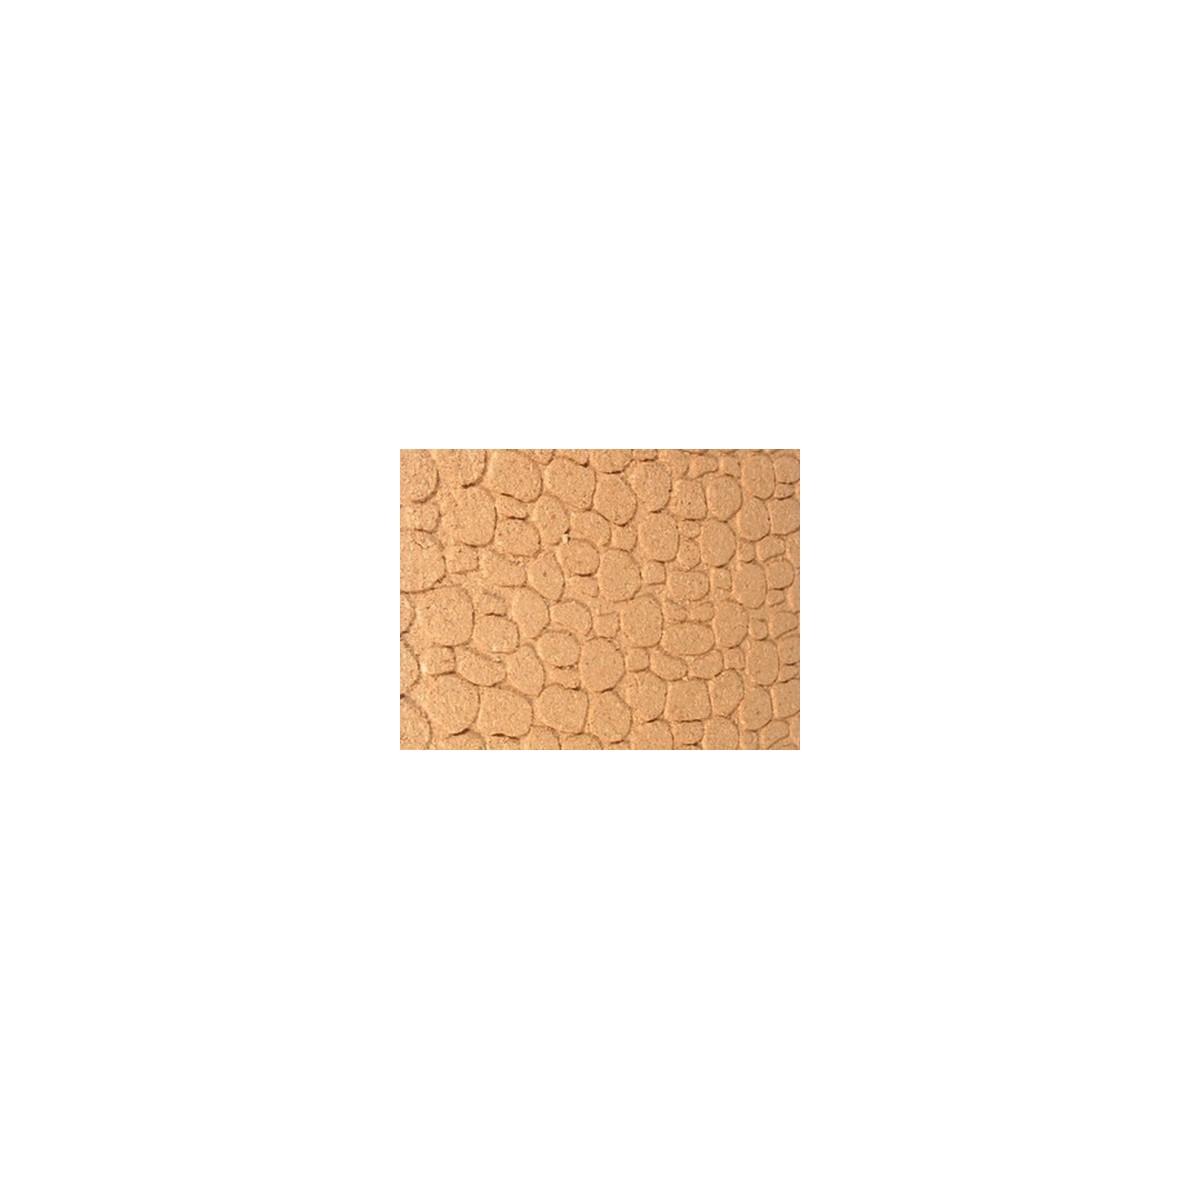 Pannello sughero cm 92x36 a pietre piccole mondo presepi - Lavatrici piccole dimensioni 33 cm ...